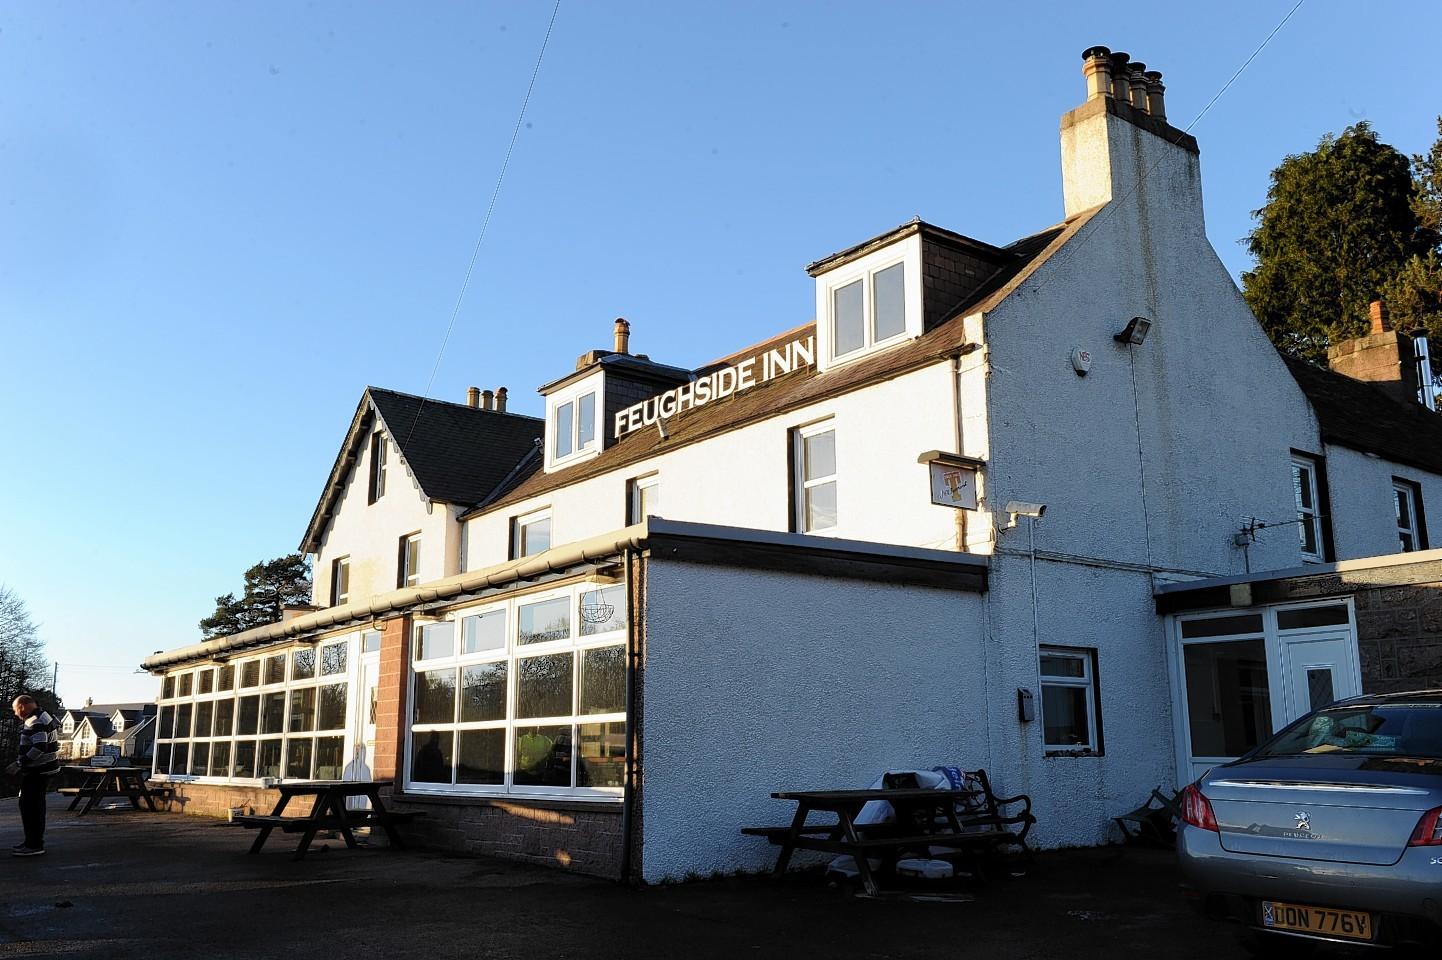 The Feughside Inn